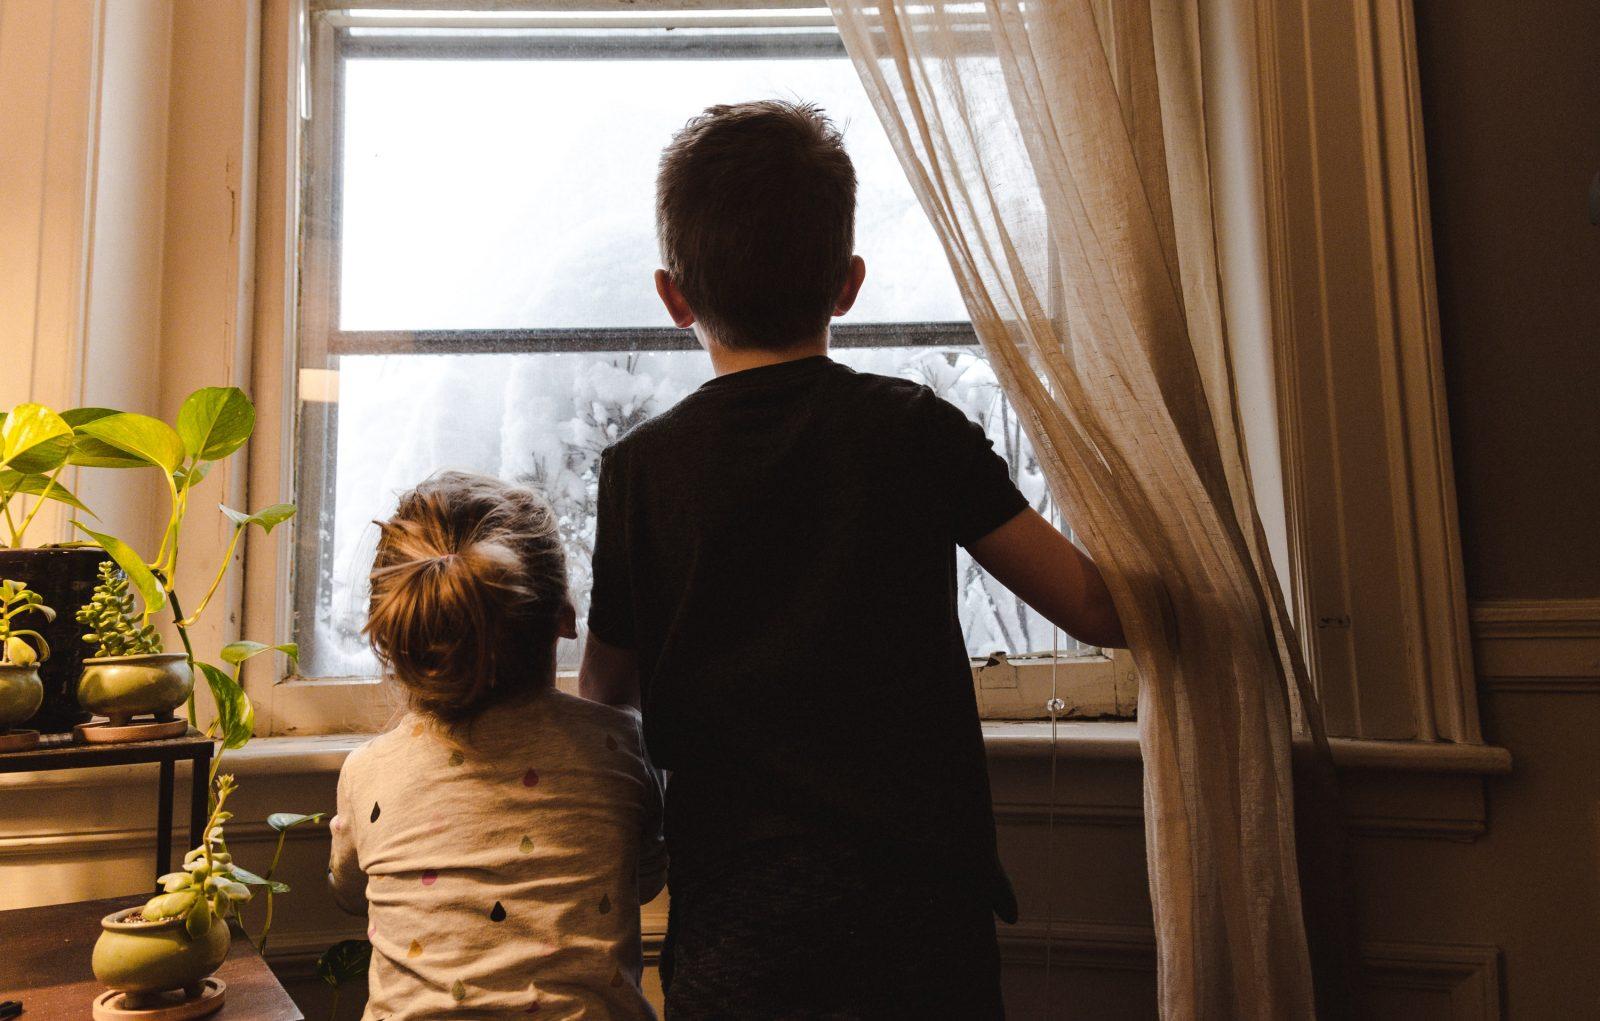 Lapset katsovat ikkunasta ulos